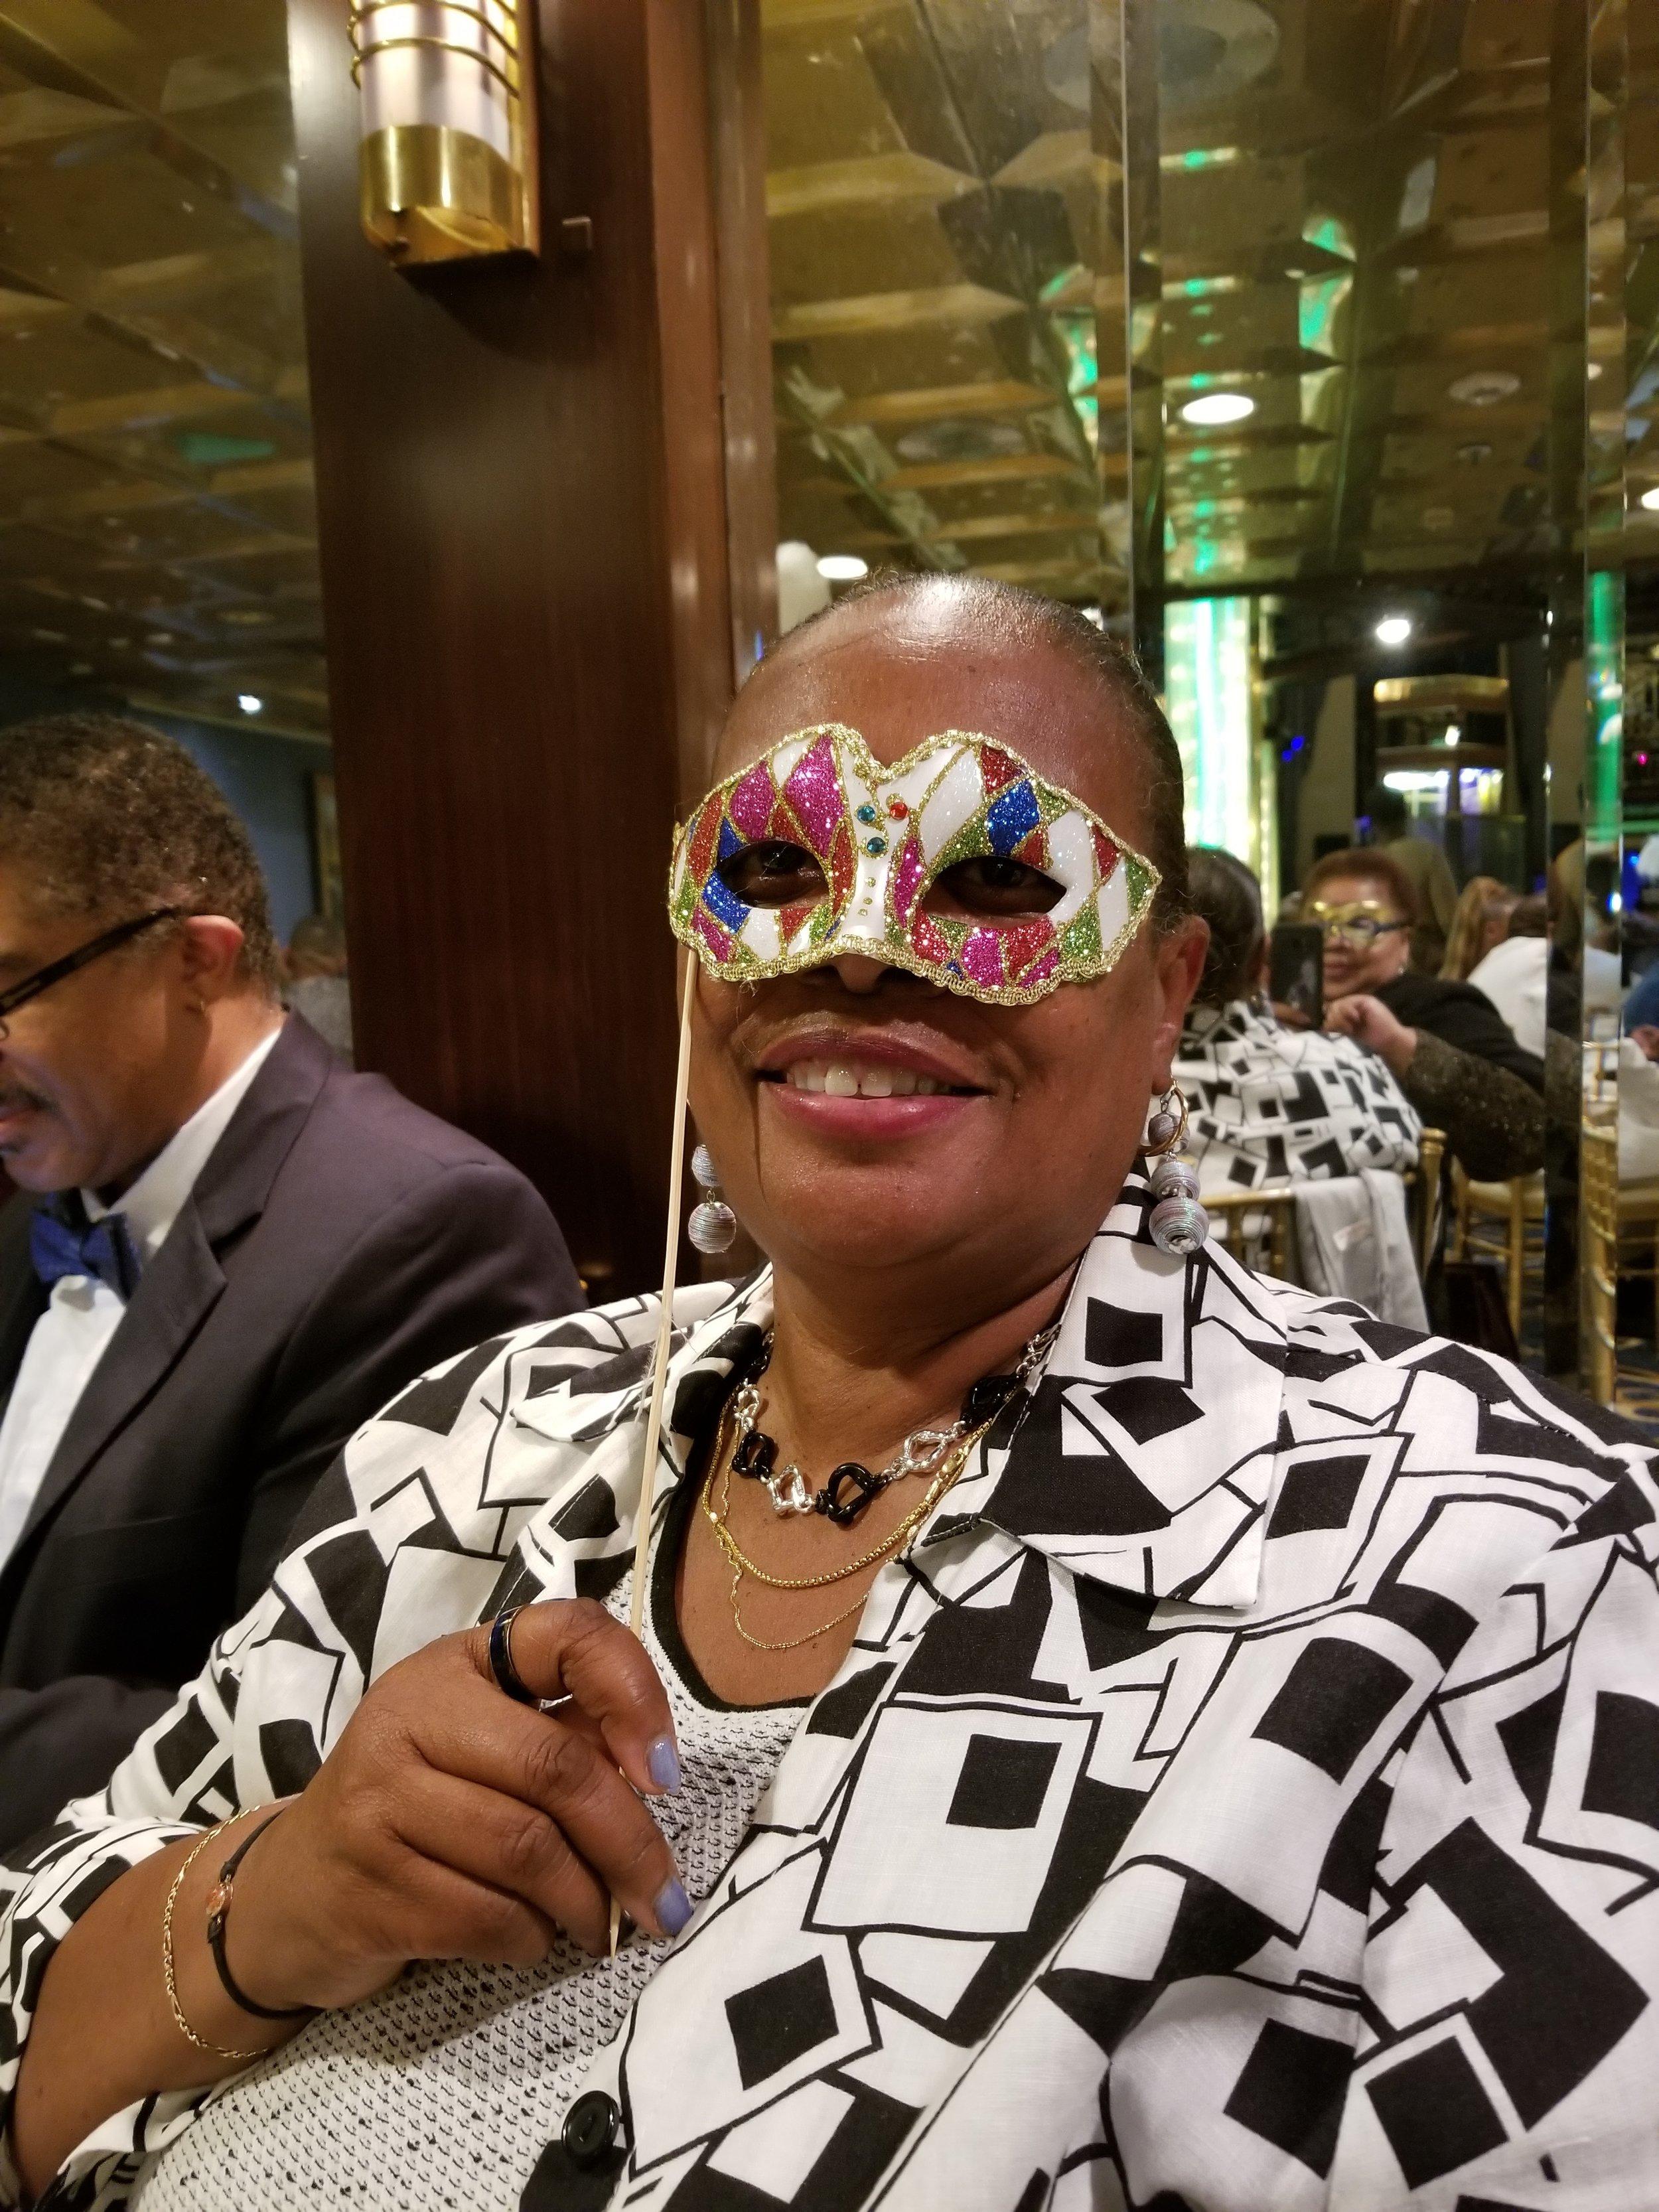 Masks on me at bvsj boatride.jpg